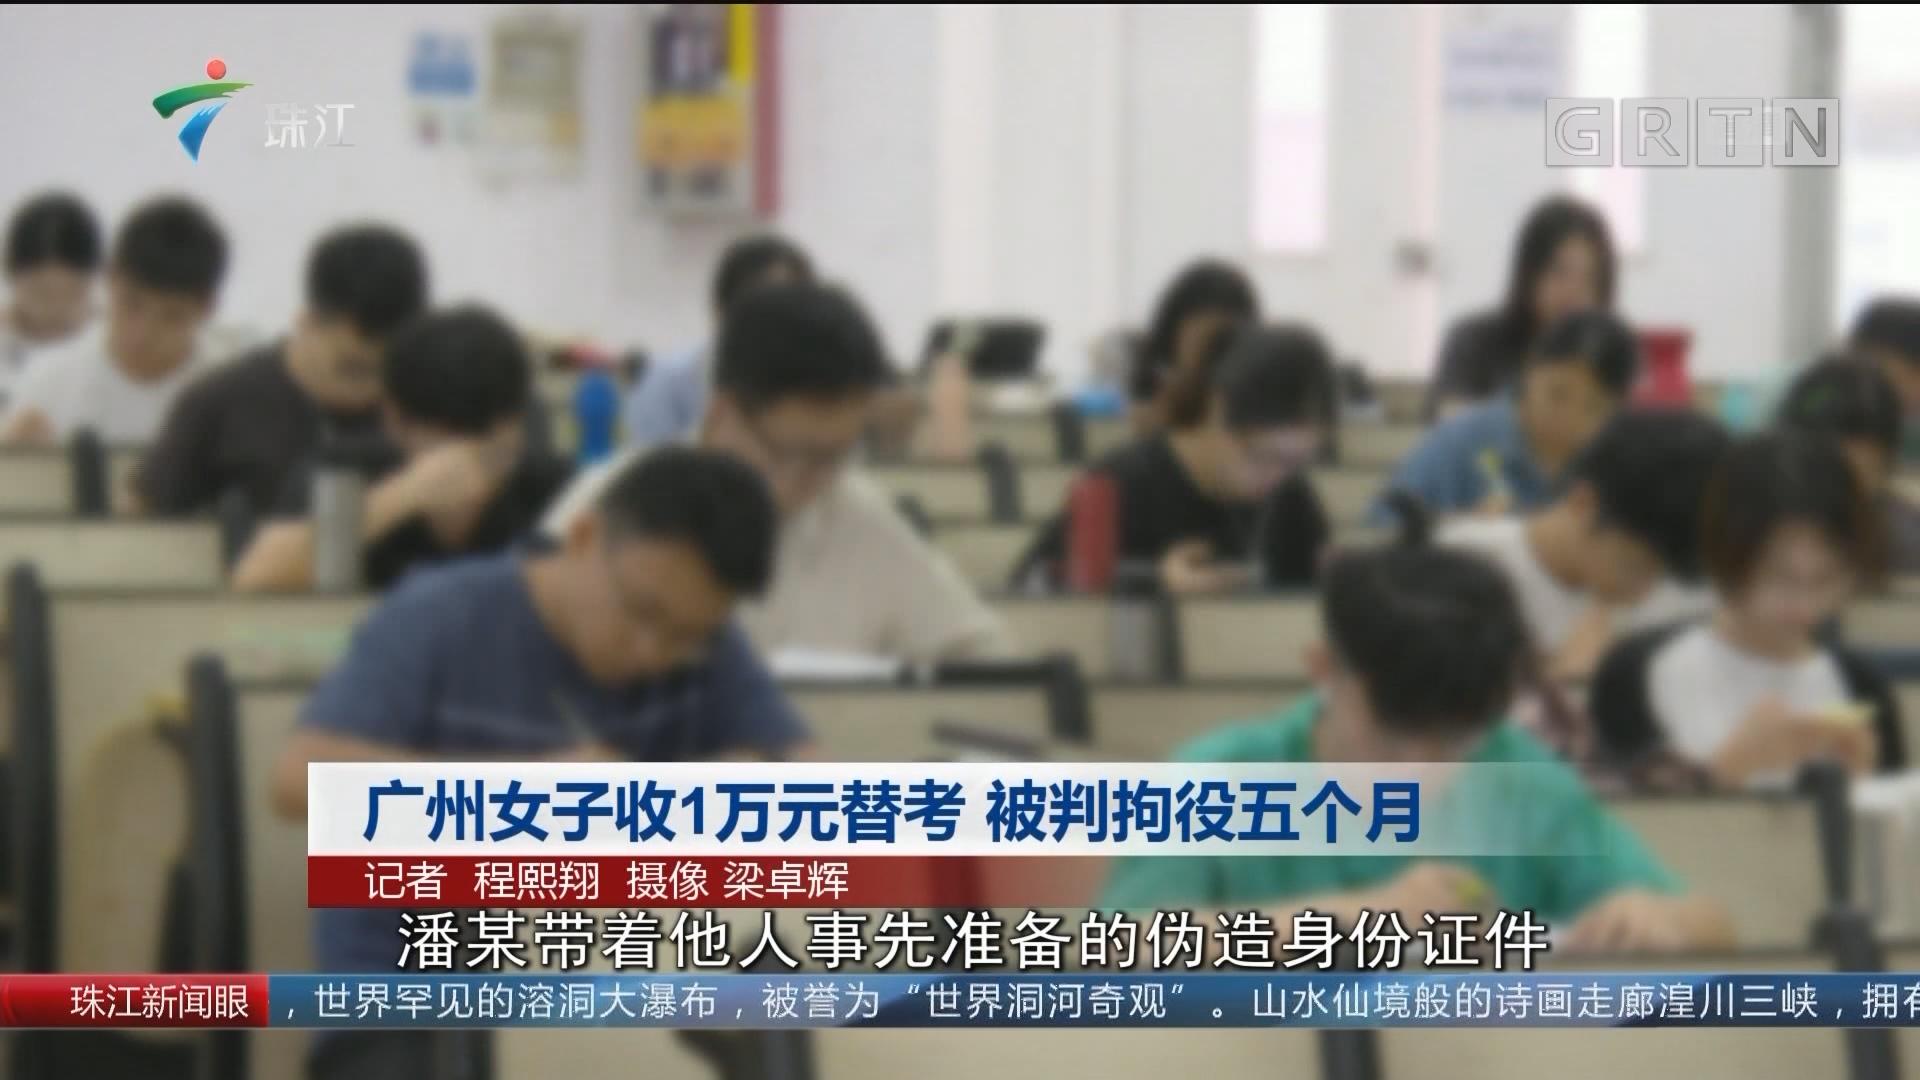 广州女子收1万元替考 被判拘役五个月